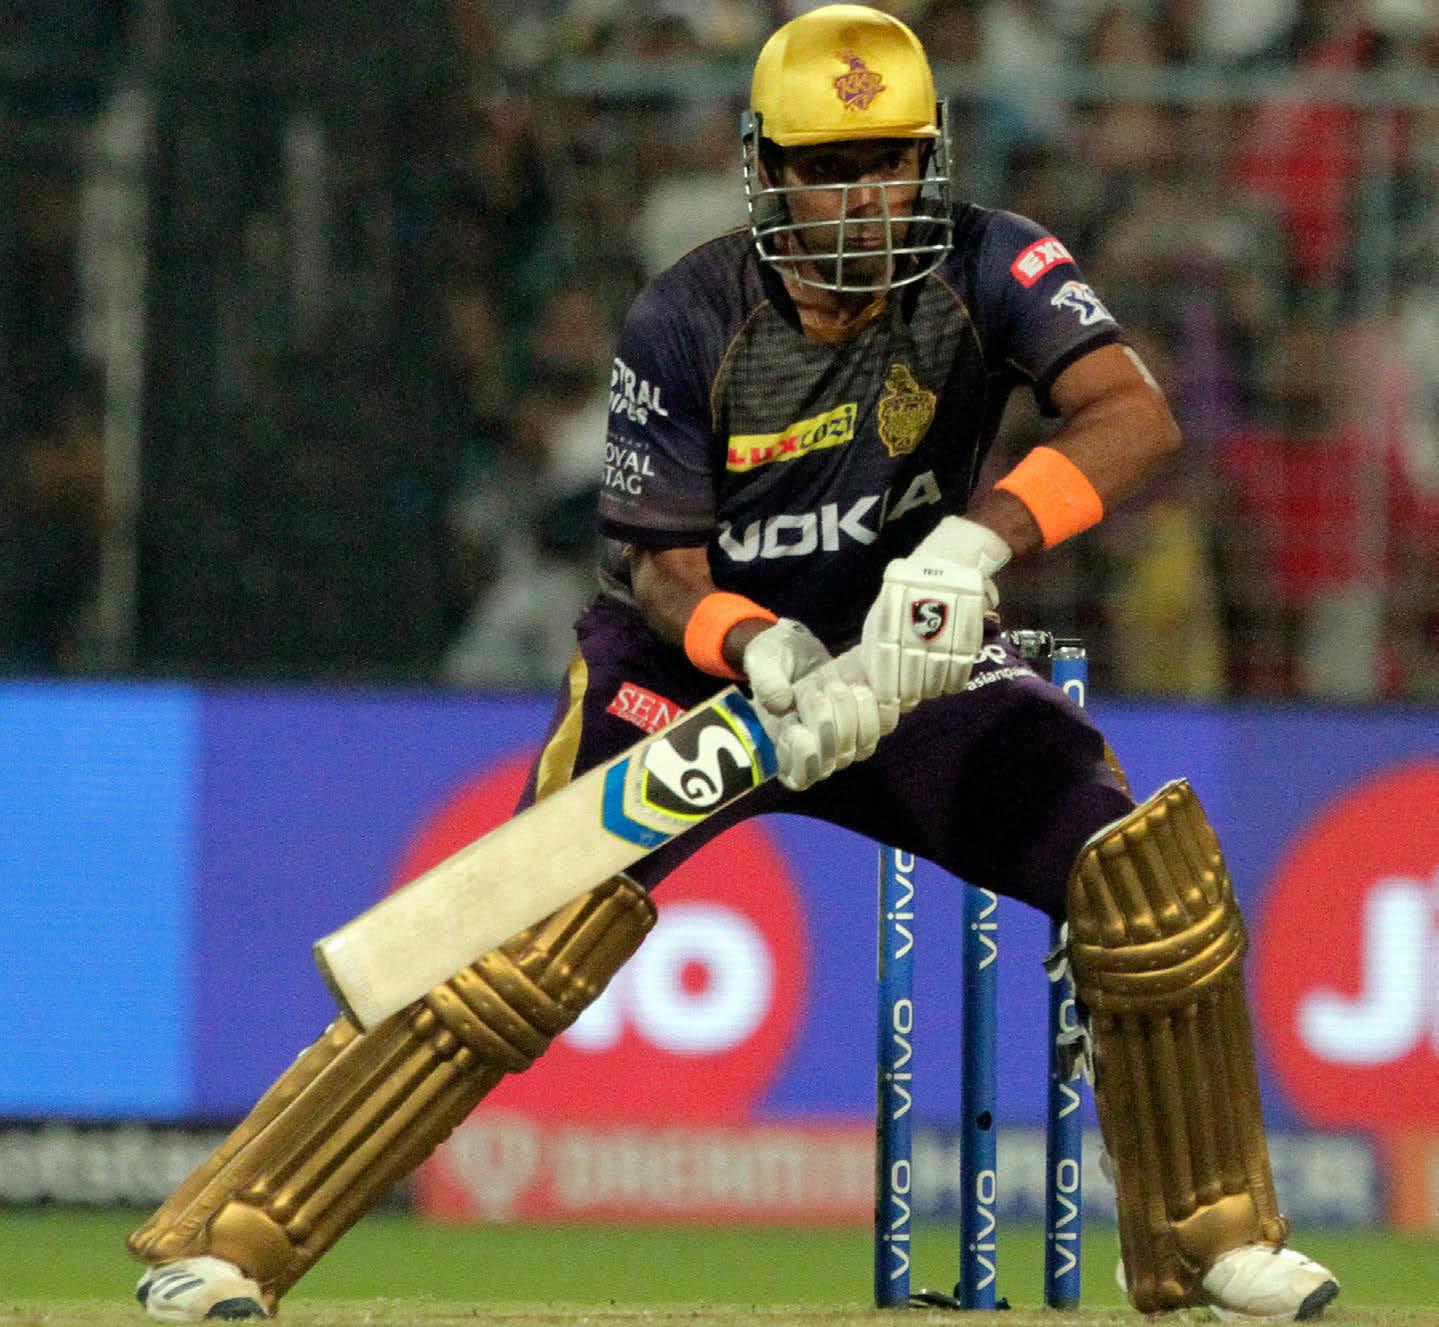 IPL 2020 - नंबर 3 पर खेलने वाले टॉप-5 बल्लेबाज